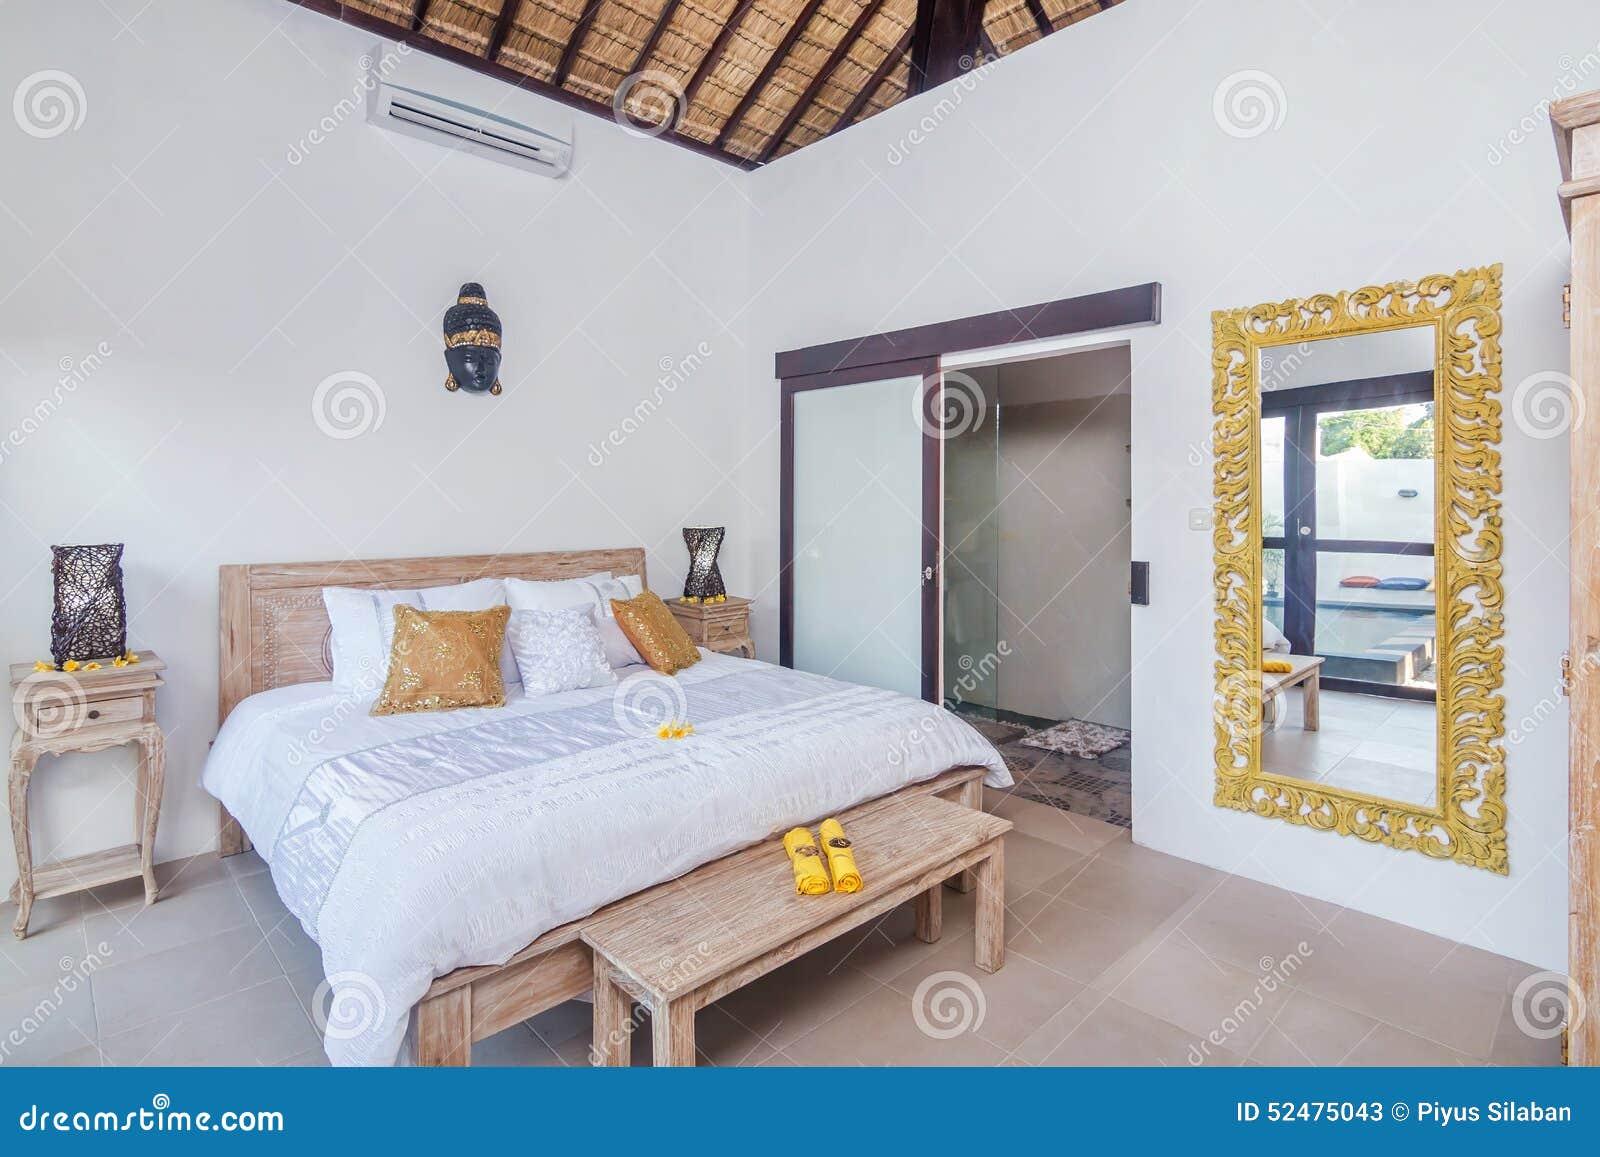 Camere Da Letto Tradizionali : Villa tradizionale ed antica della camera da letto in bali